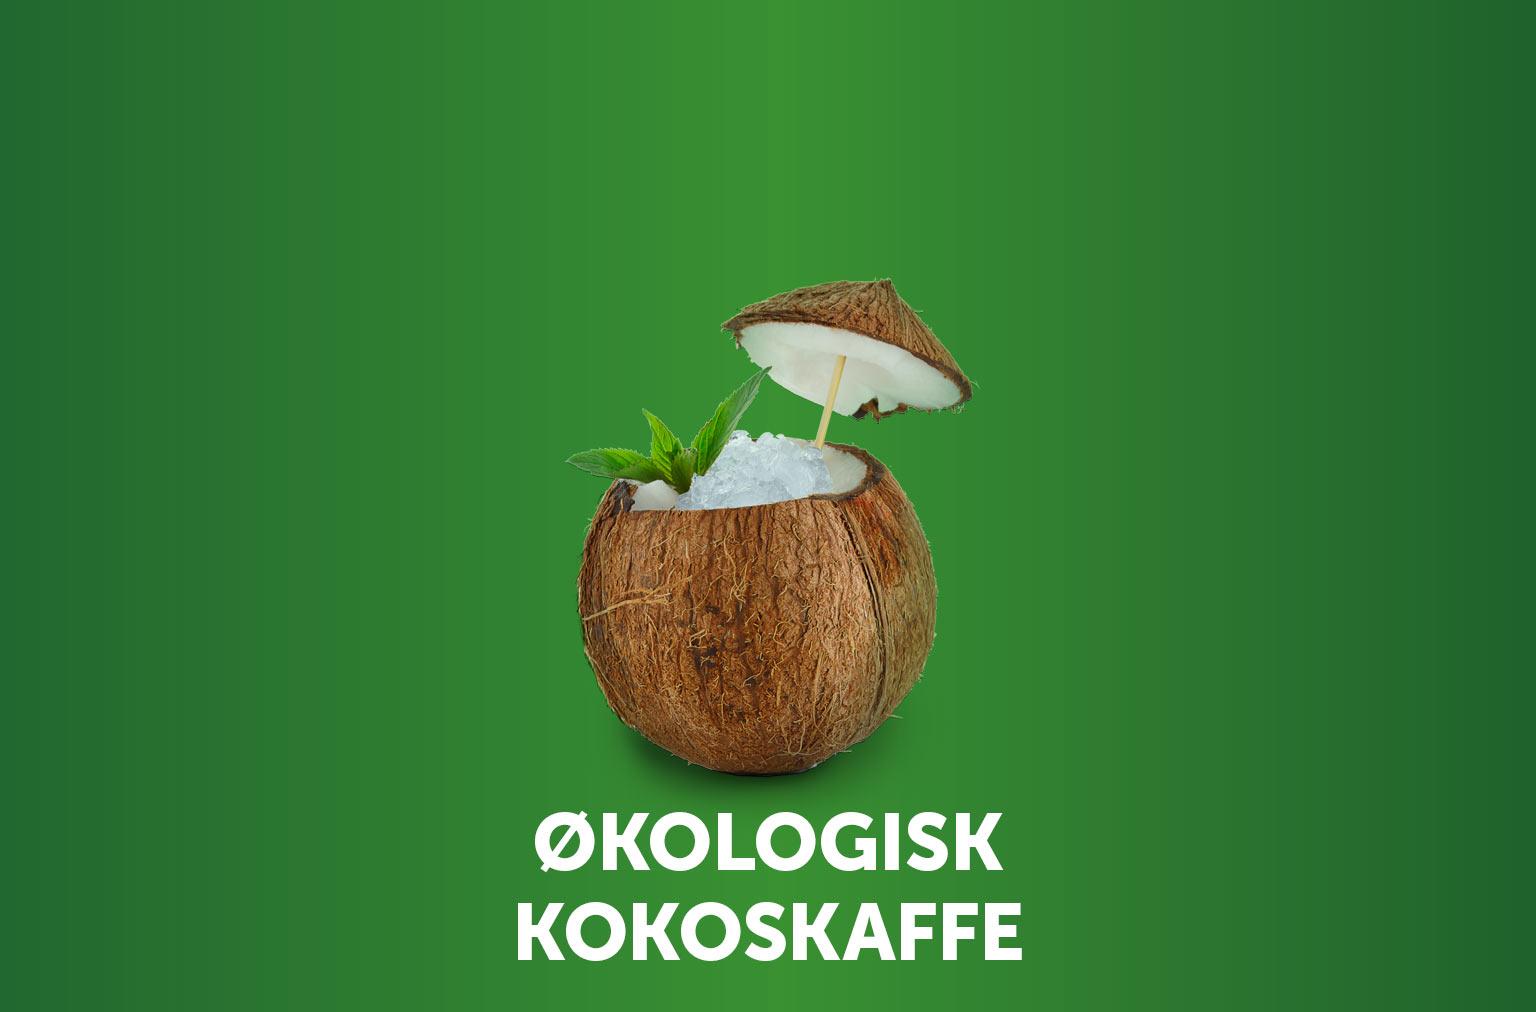 Økologisk Kokoskaffe